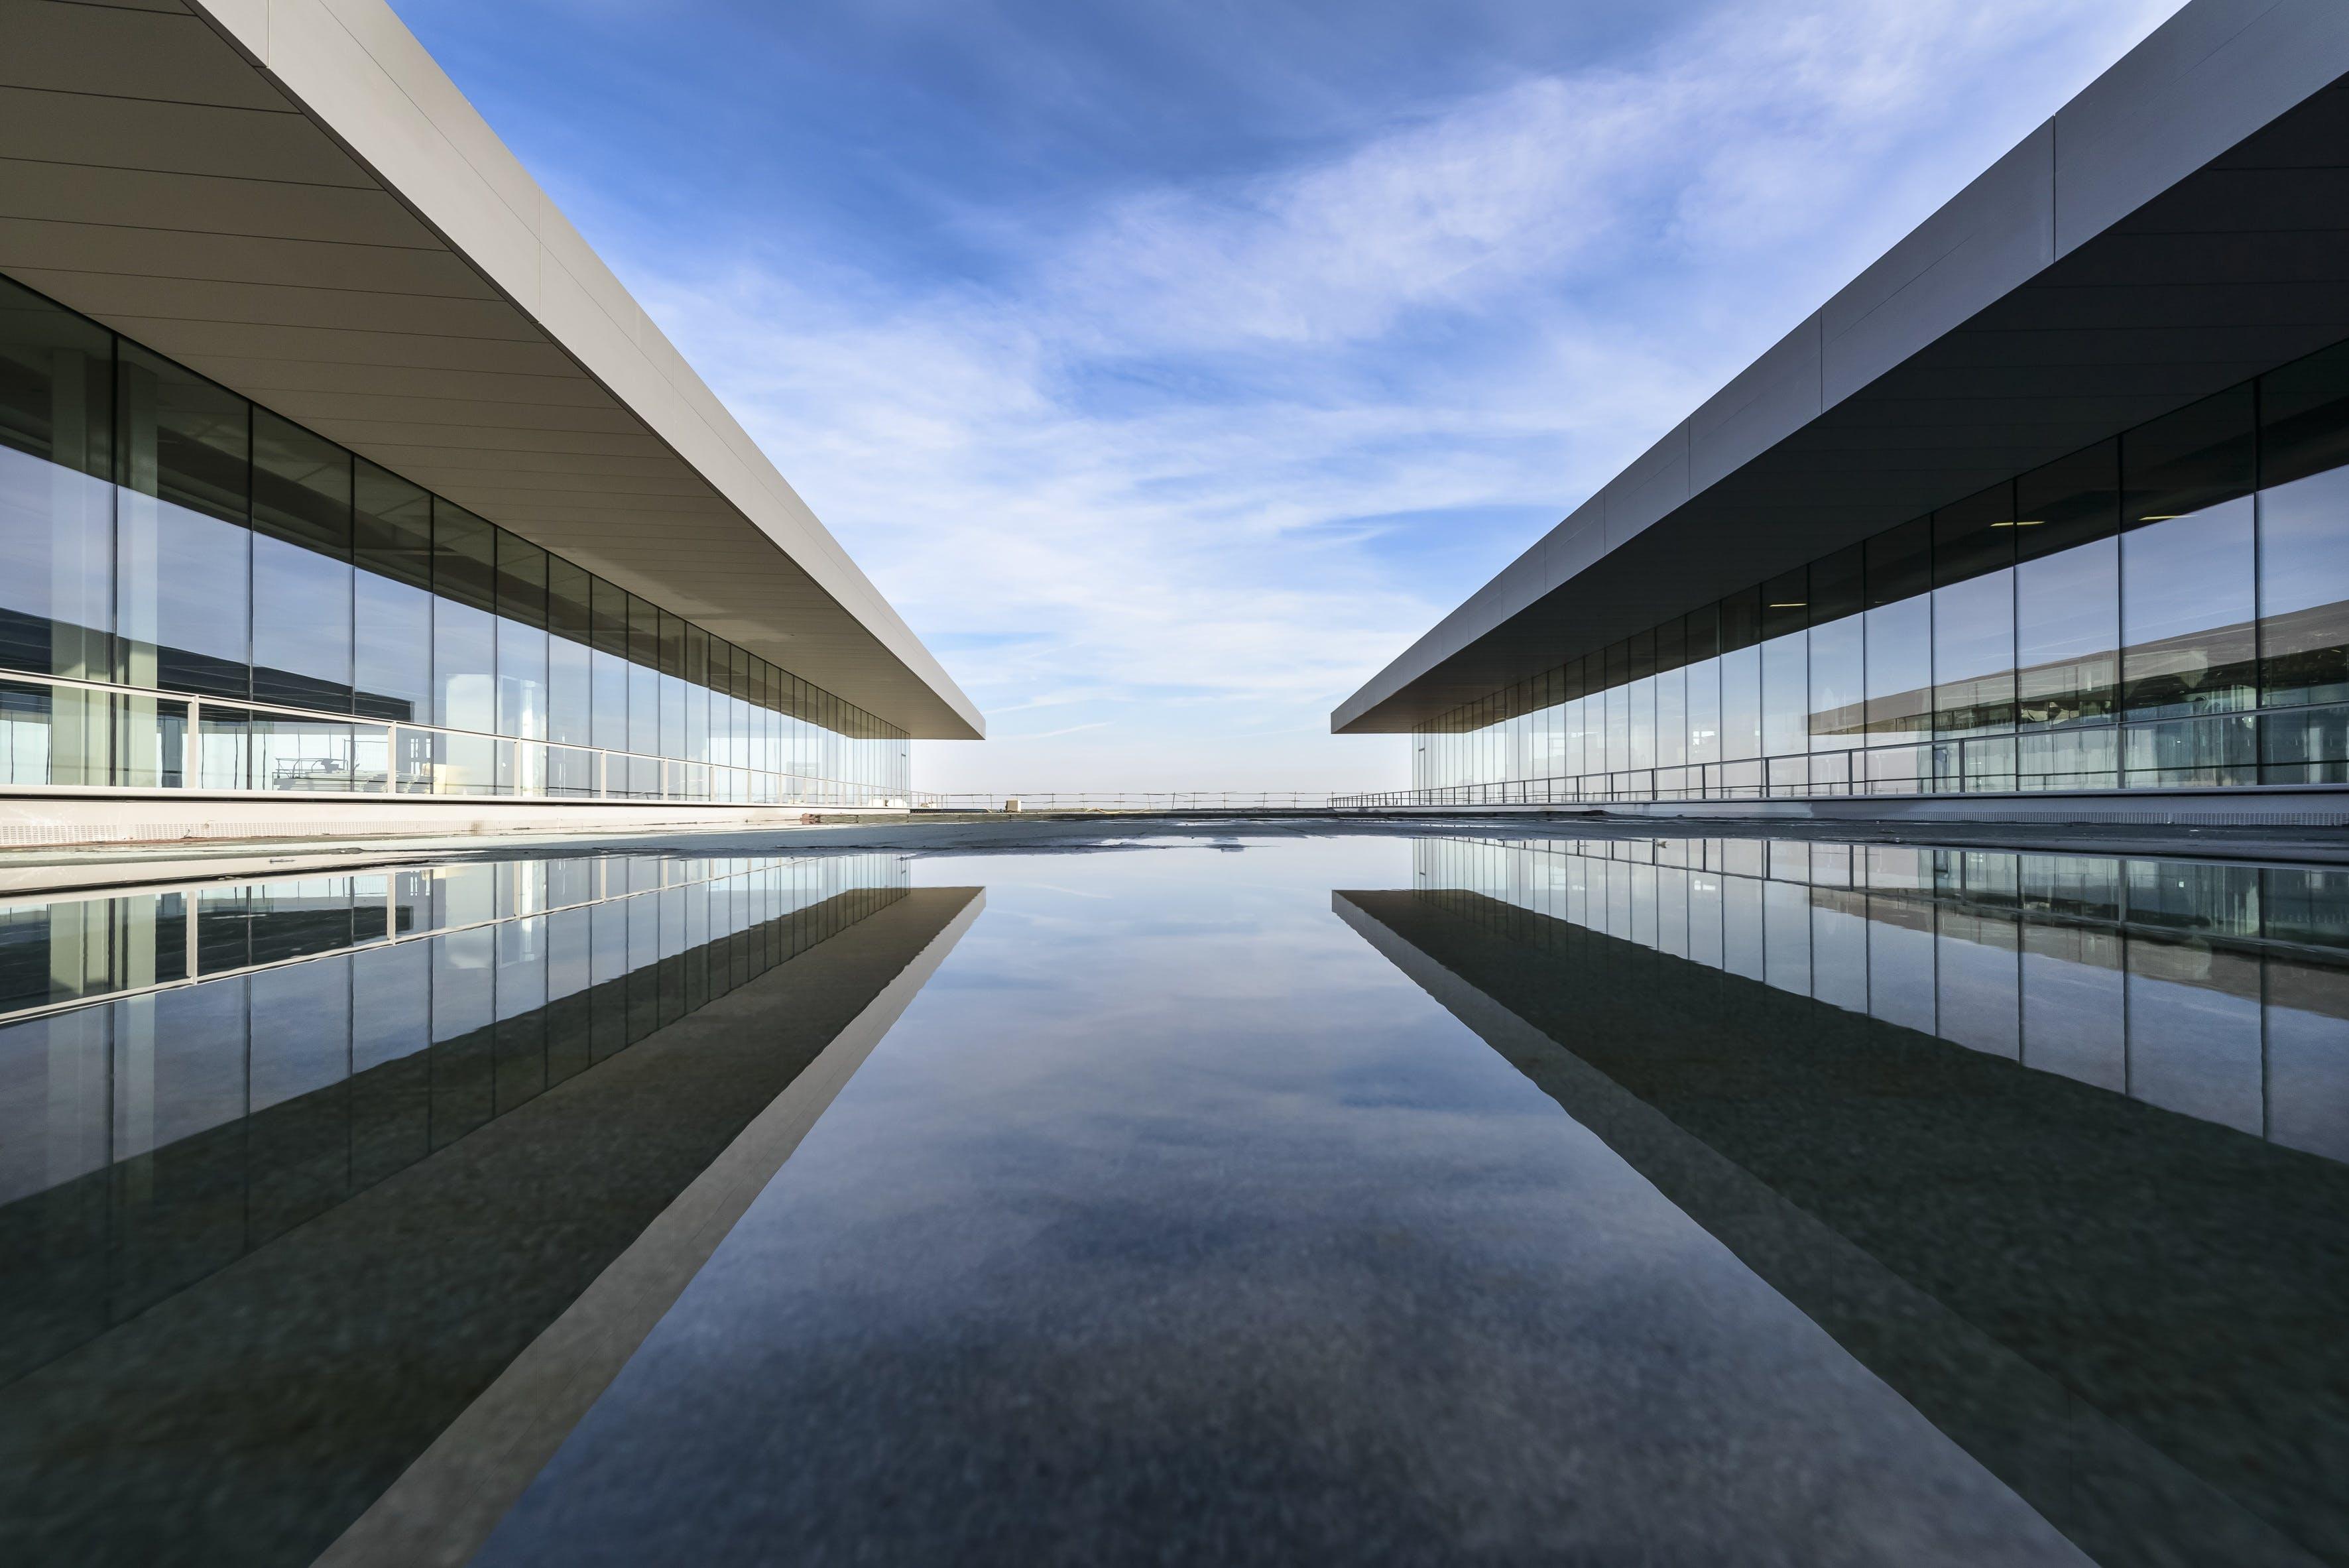 Kostenloses Stock Foto zu architektur, architekturdesign, fenster, futuristisch